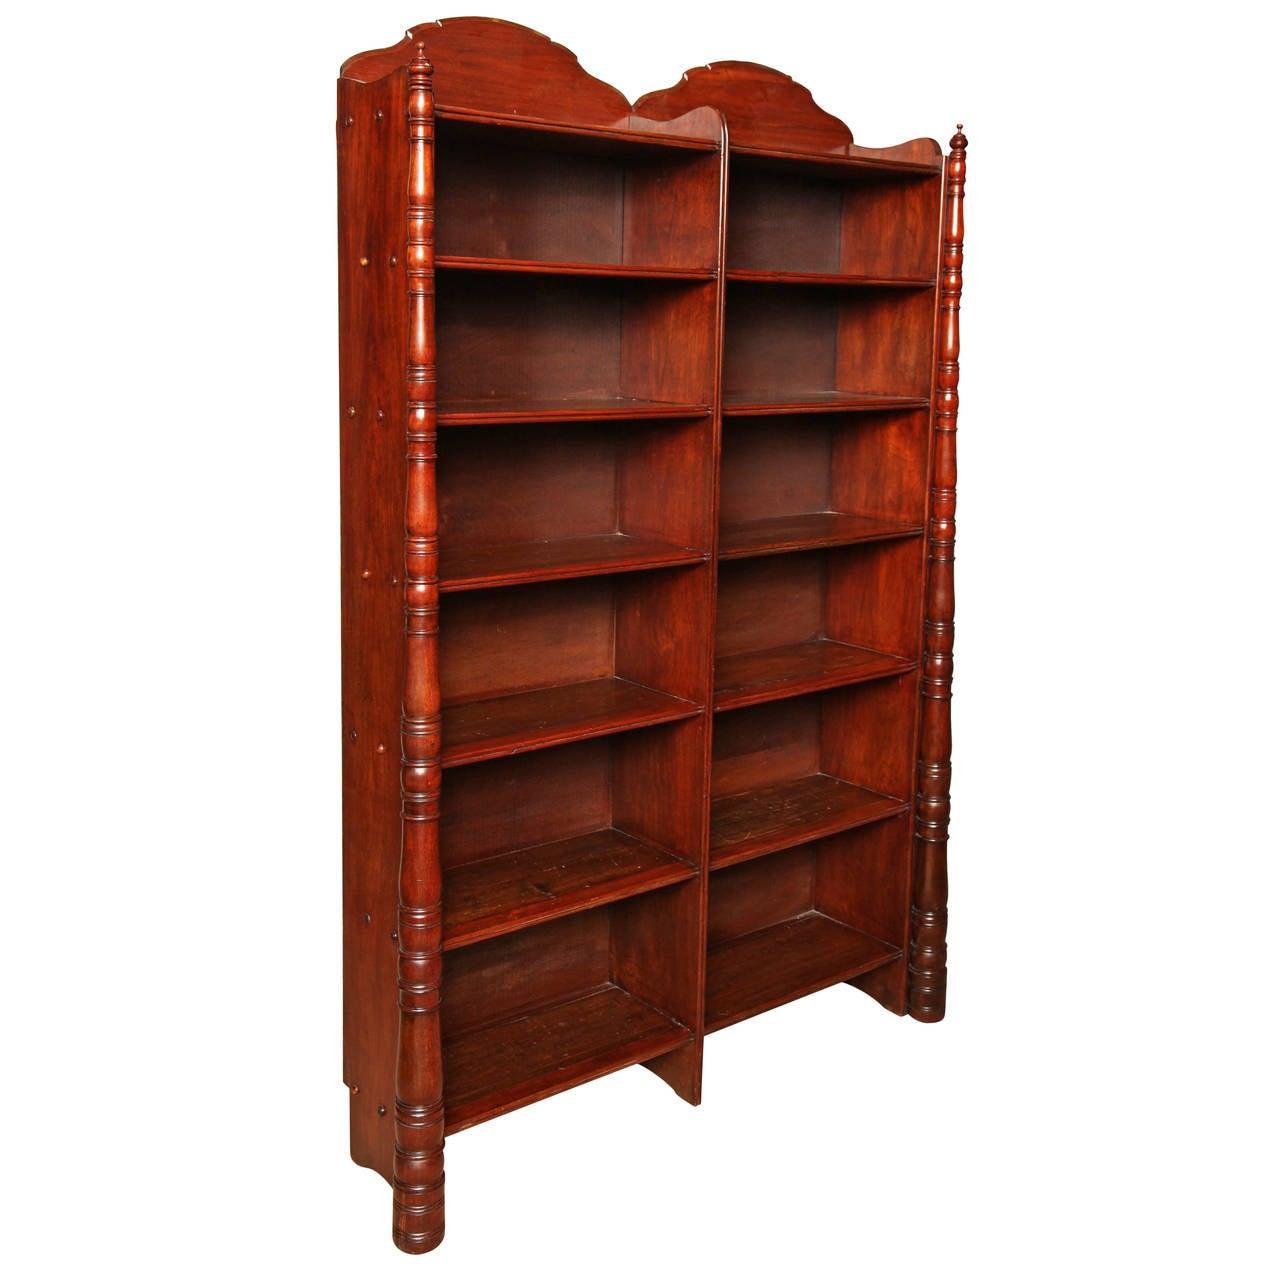 Bookcase 9 Inch Depth